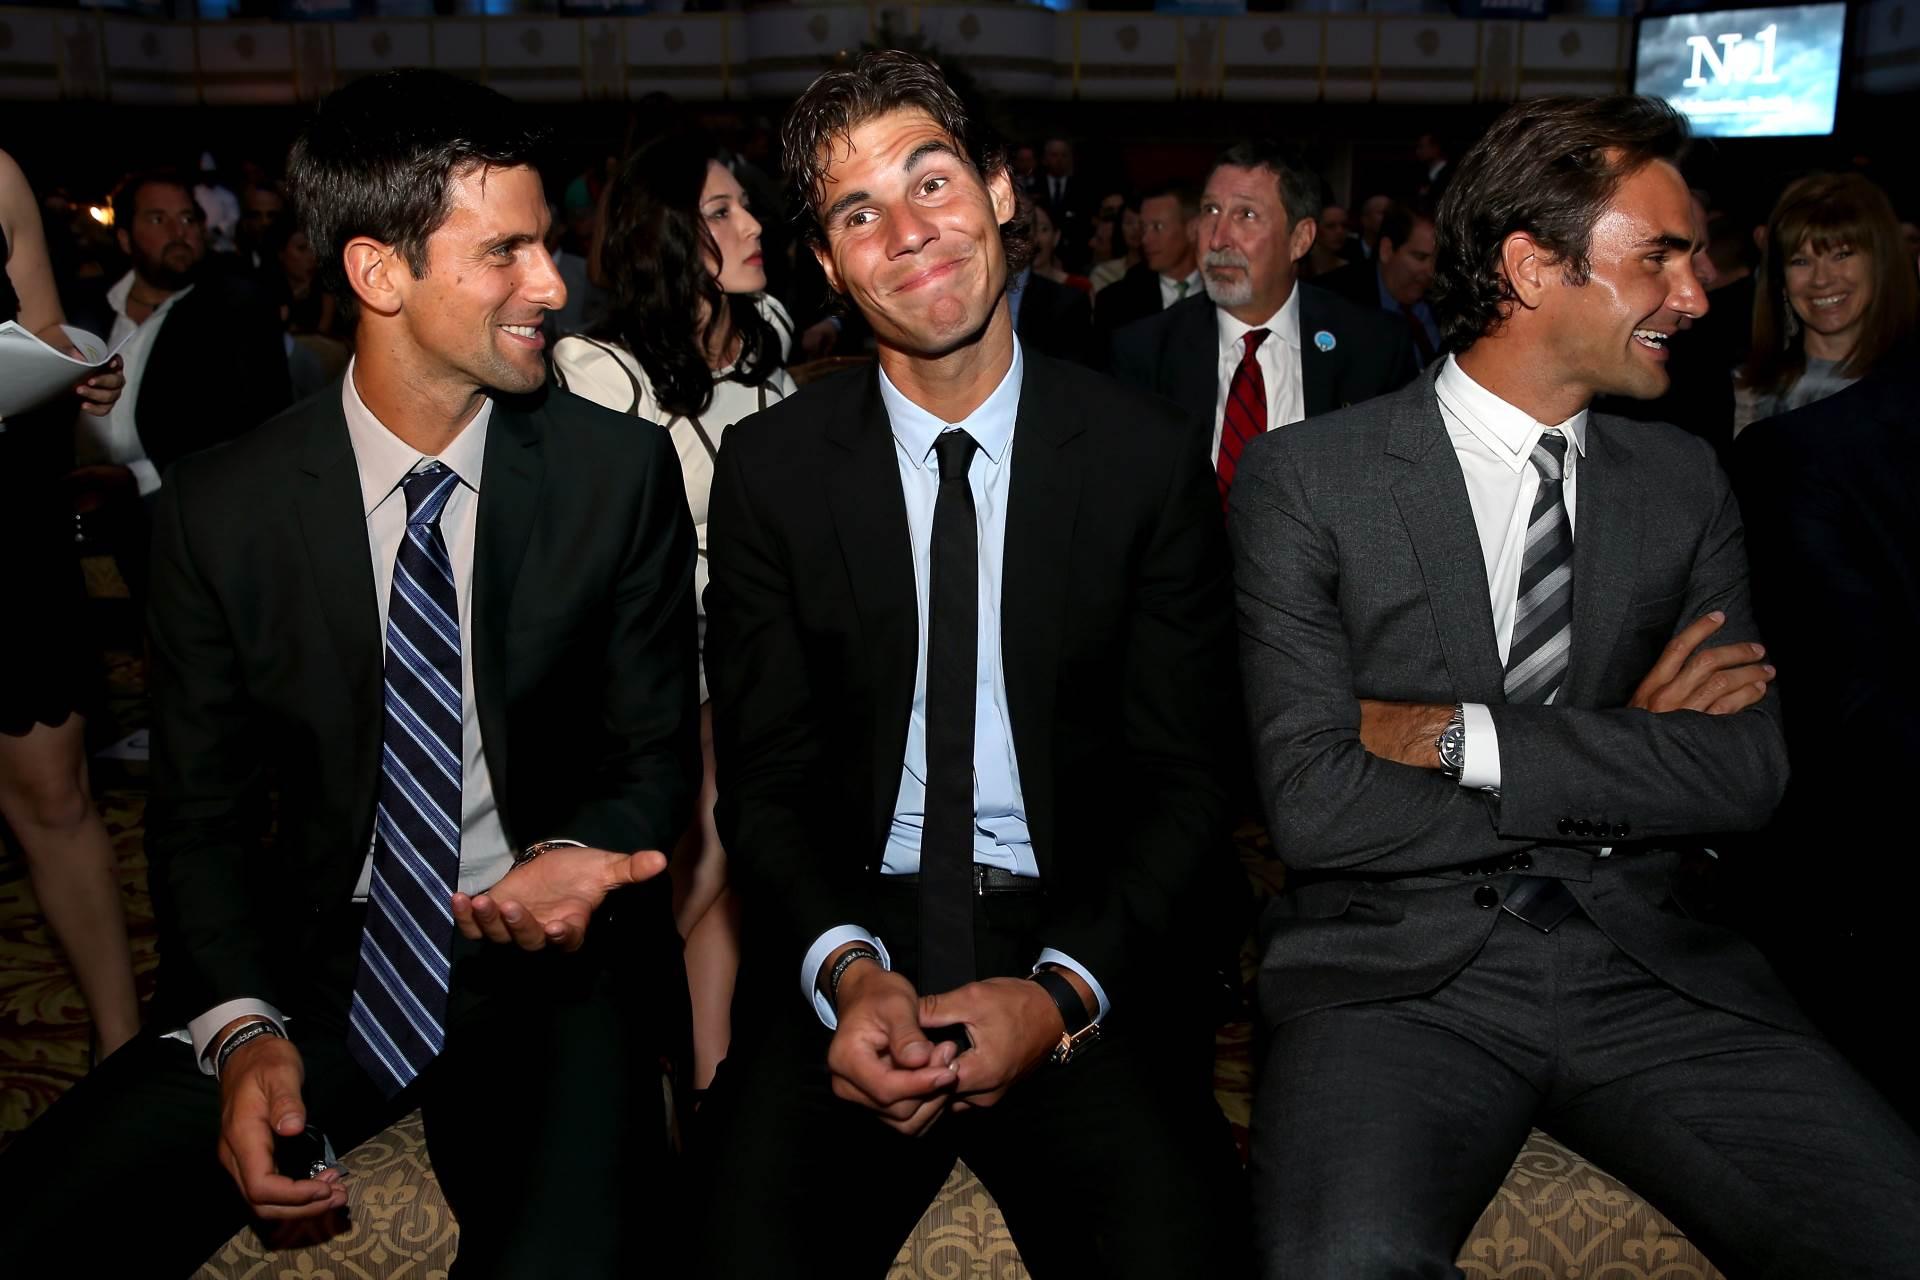 Đoković, Nadal, Federer